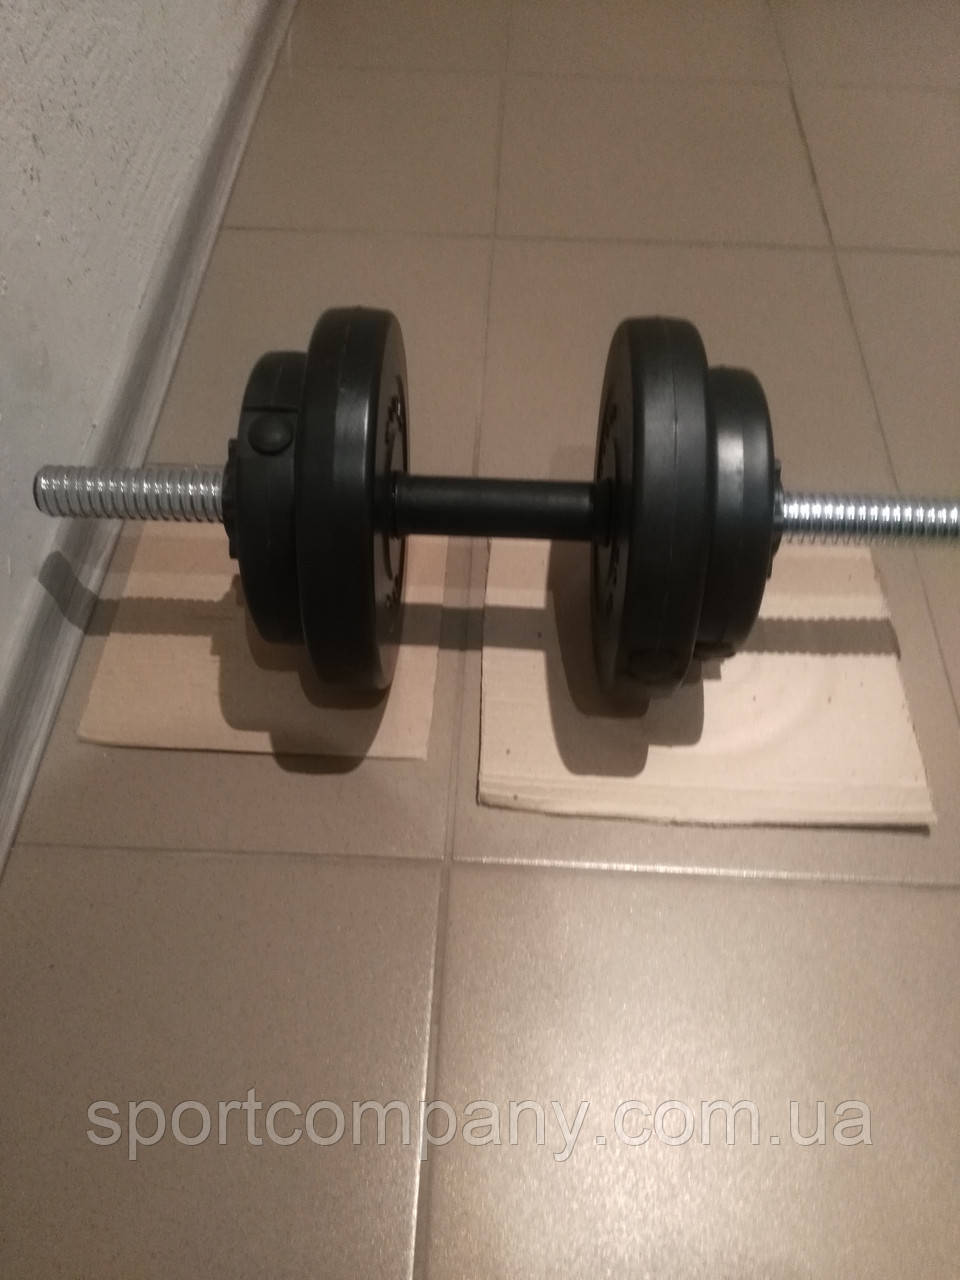 Гантеля композитная 16 кг